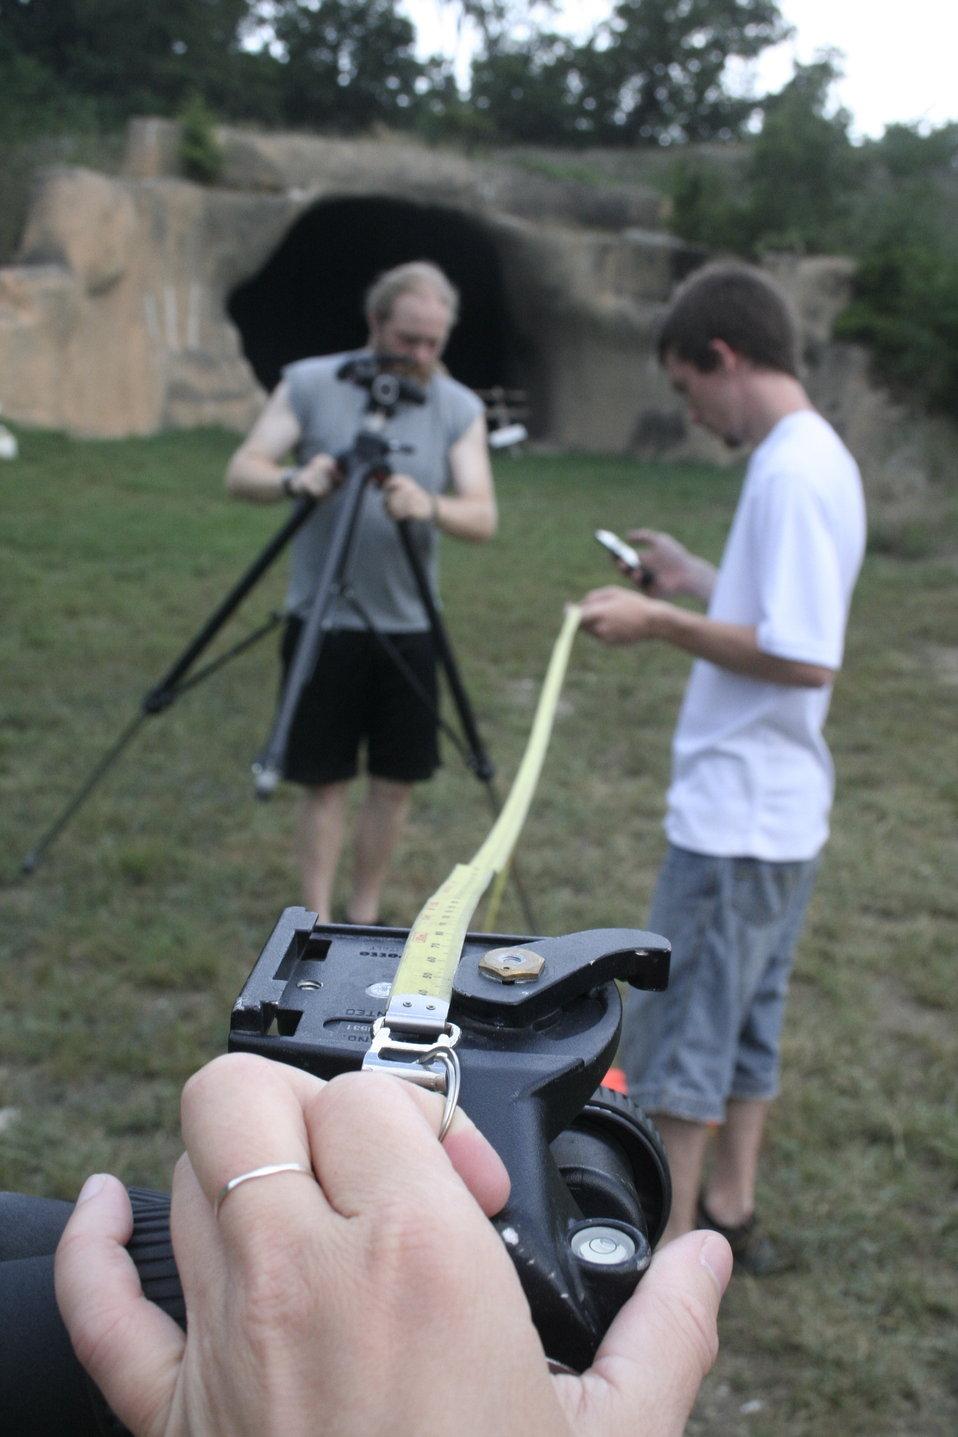 Setting cameras